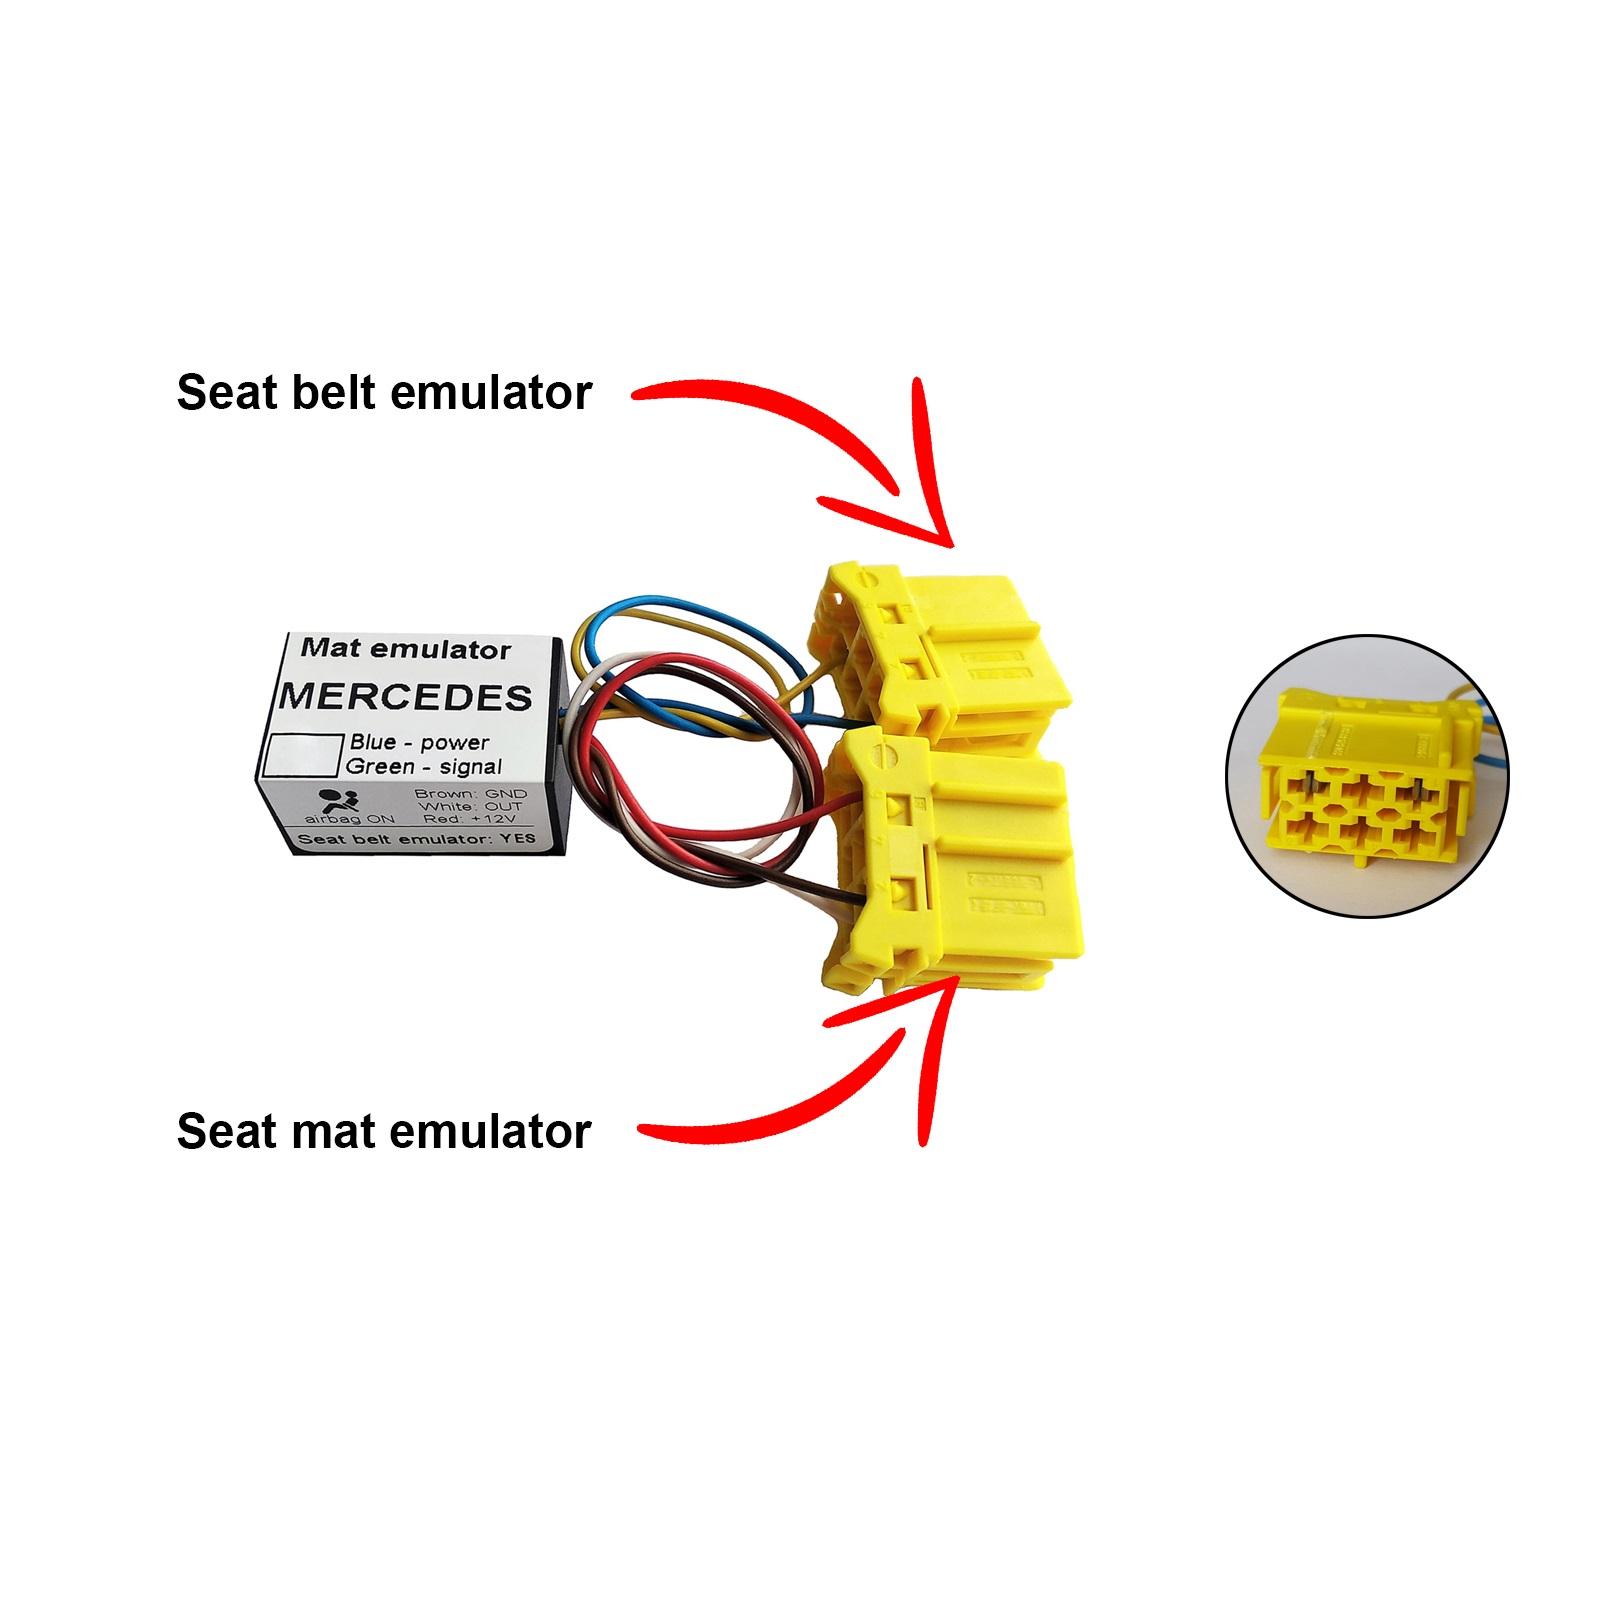 For Mercedes S Class W220 1998-2001 Bypass Seat Occupancy Mat Sensor Emulator